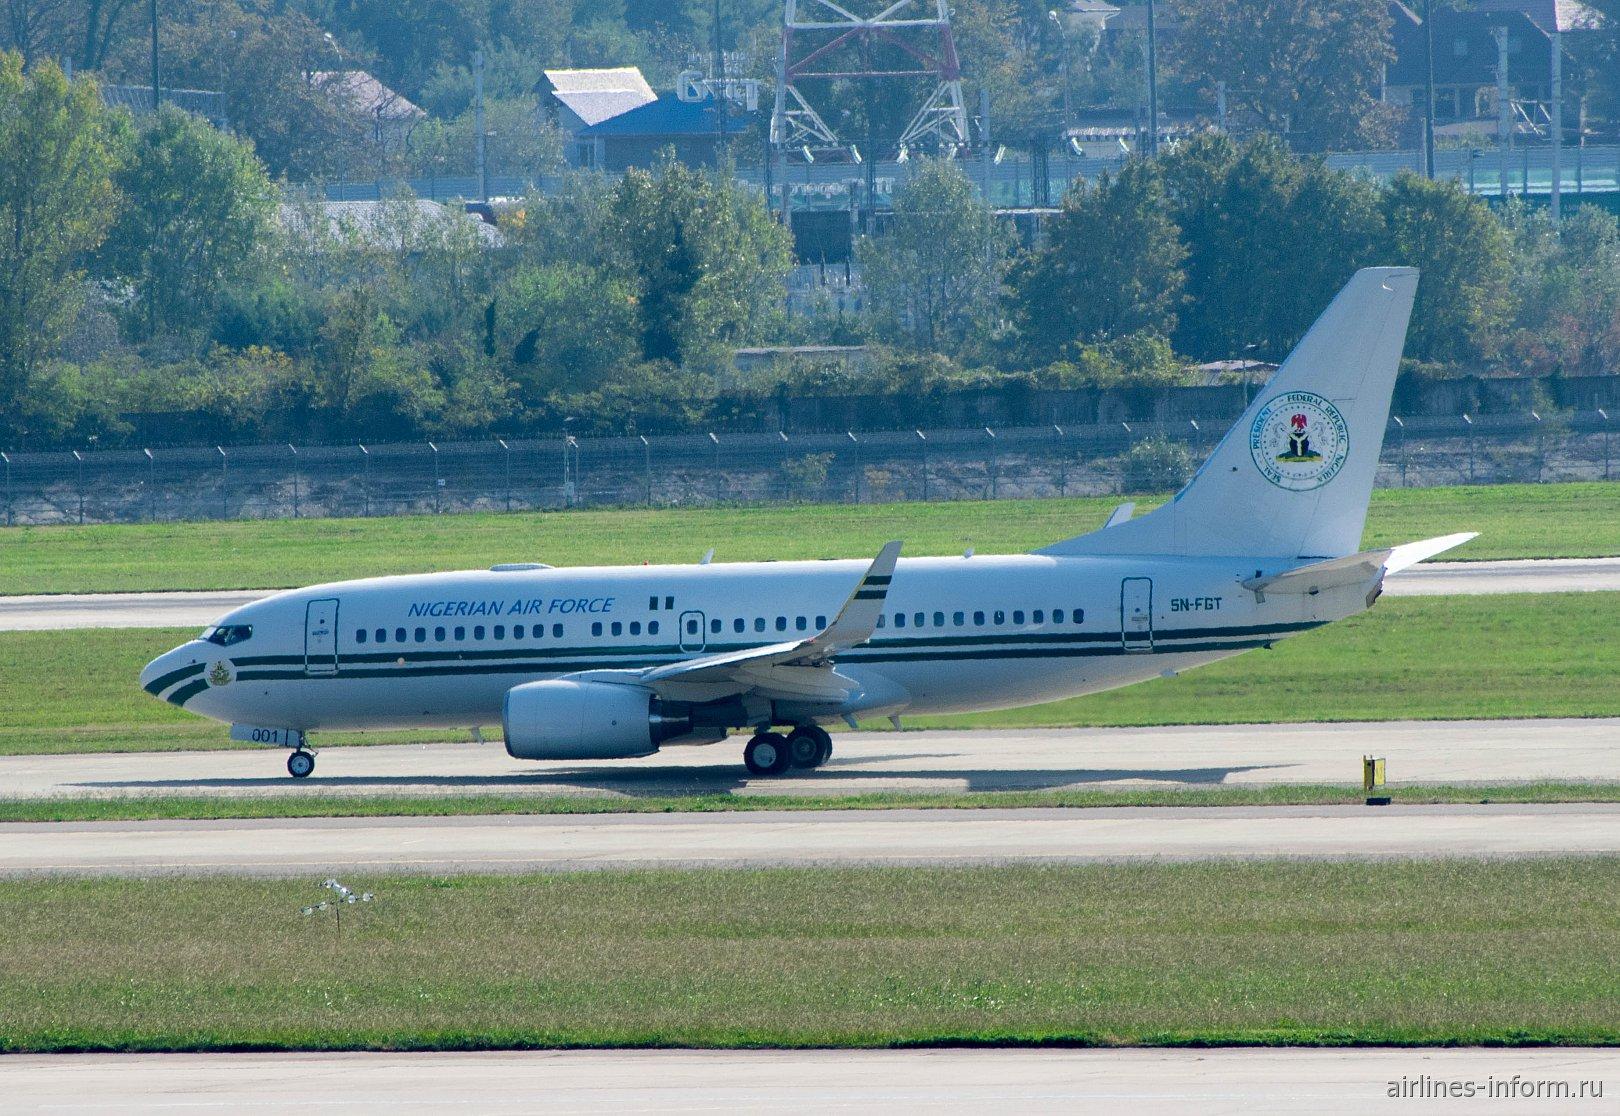 Самолет Боинг-737-700 (BBJ), номер SN-FGT, правительства Нигерии в аэропорту Сочи